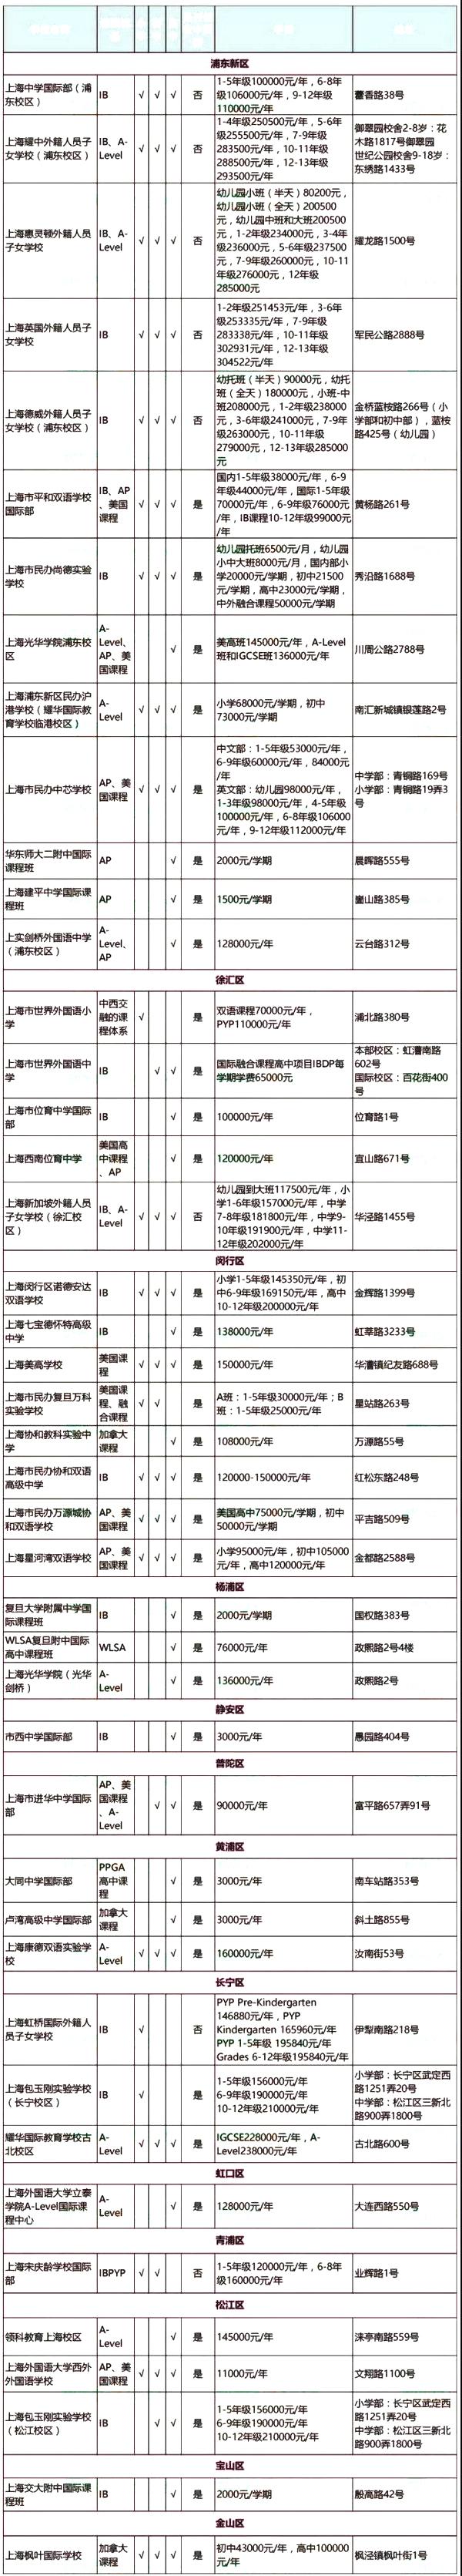 2019年上海双语国际学校各区域一览表(包括学费、地址)